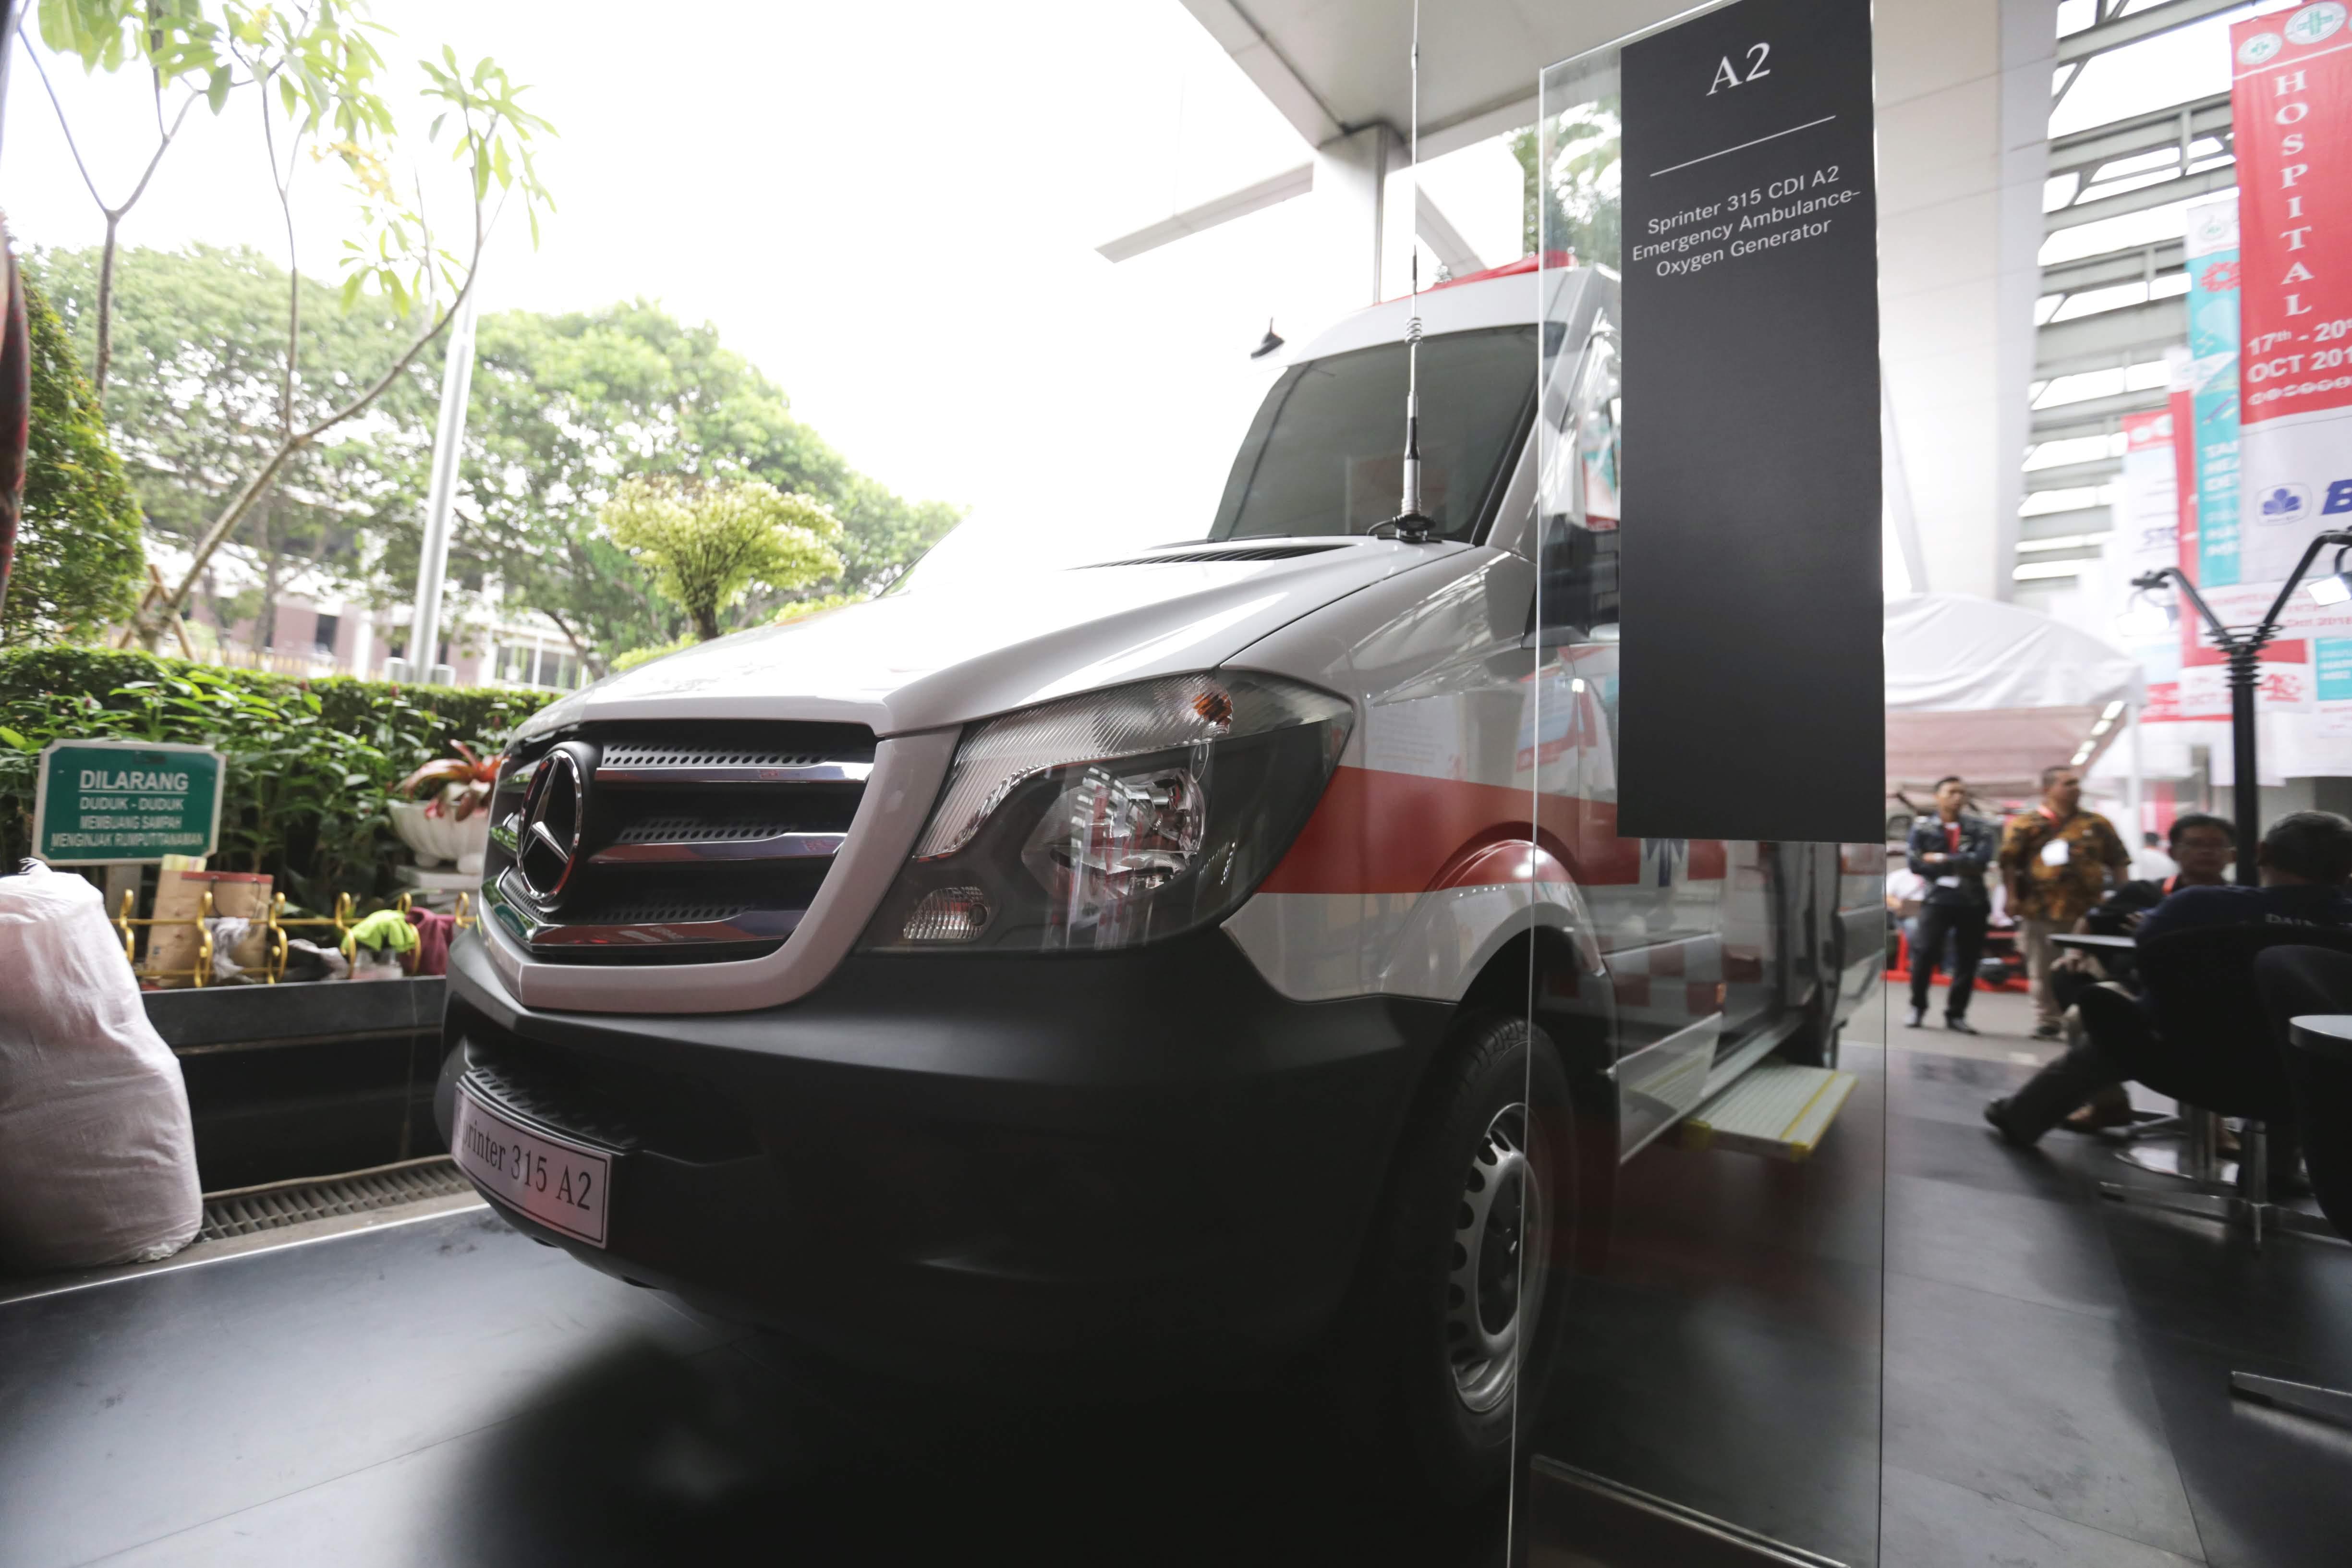 Mercedes Benz Sprinter Ambulans Hadir Di Hospital Expo 2018 All New Cbr 150r Racing Red Kota Semarang